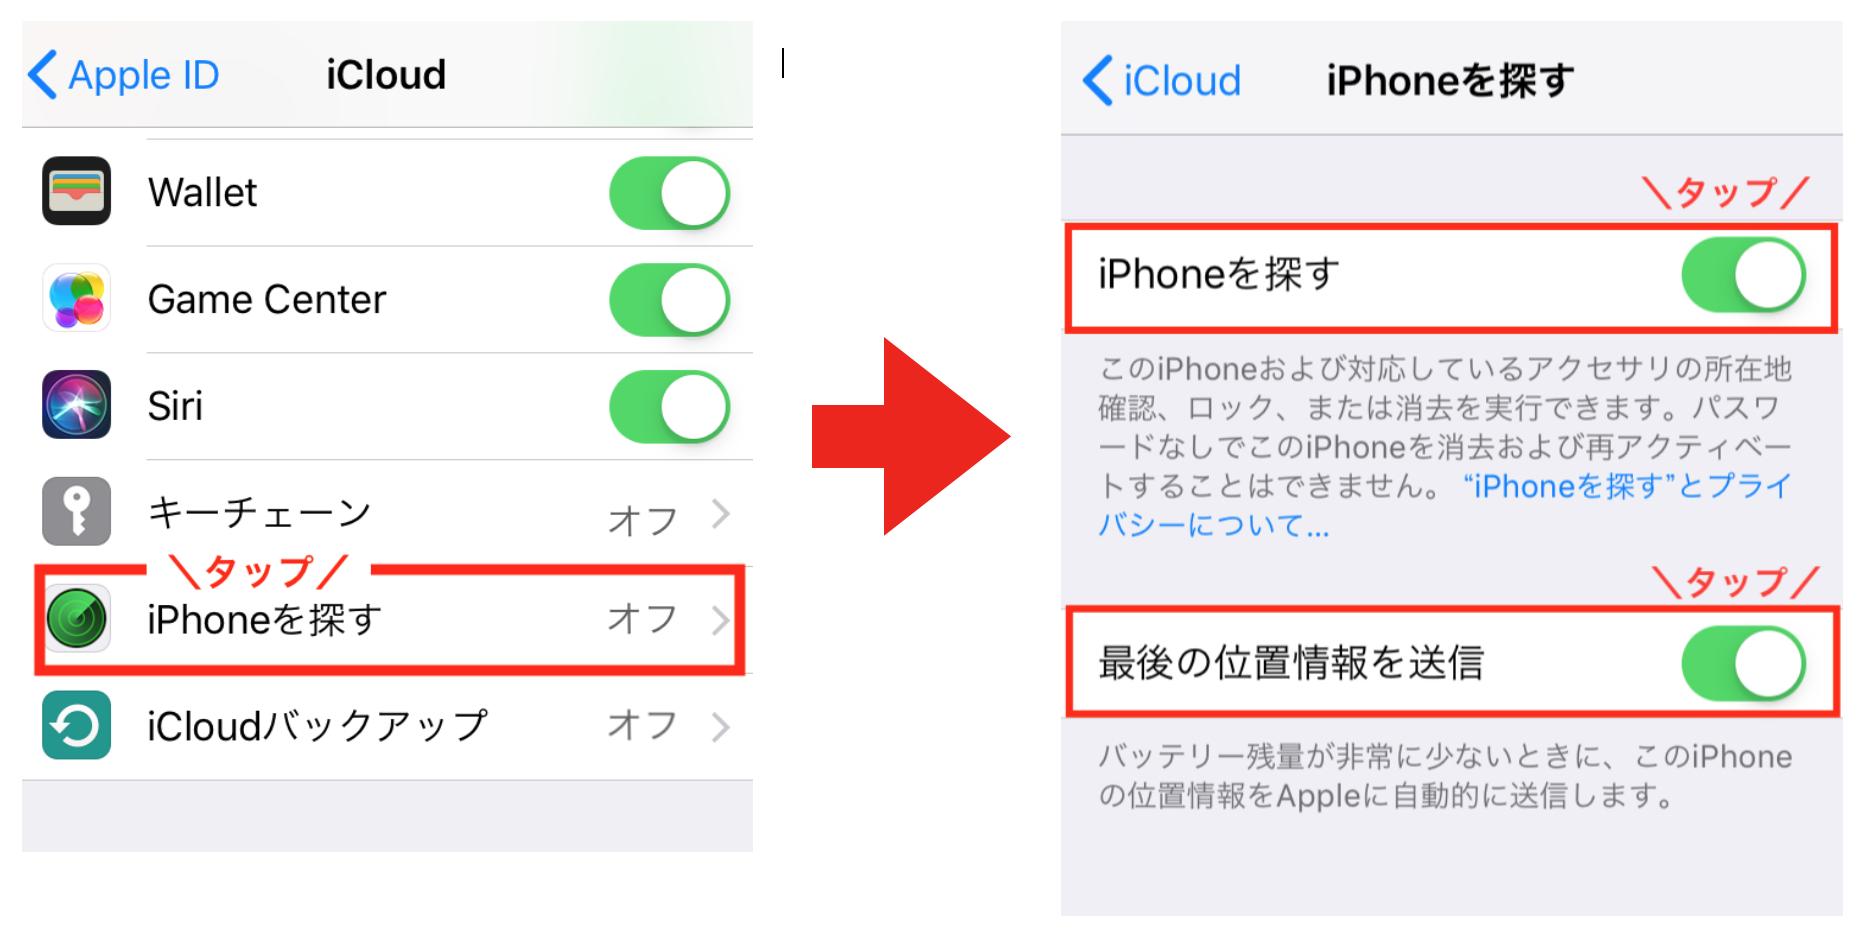 (3)画面を下から上になぞってスクロールし、「iPhoneを探す」を選択後、次の画面で右にあるスライダーをタップして「オン」に切り替えます。